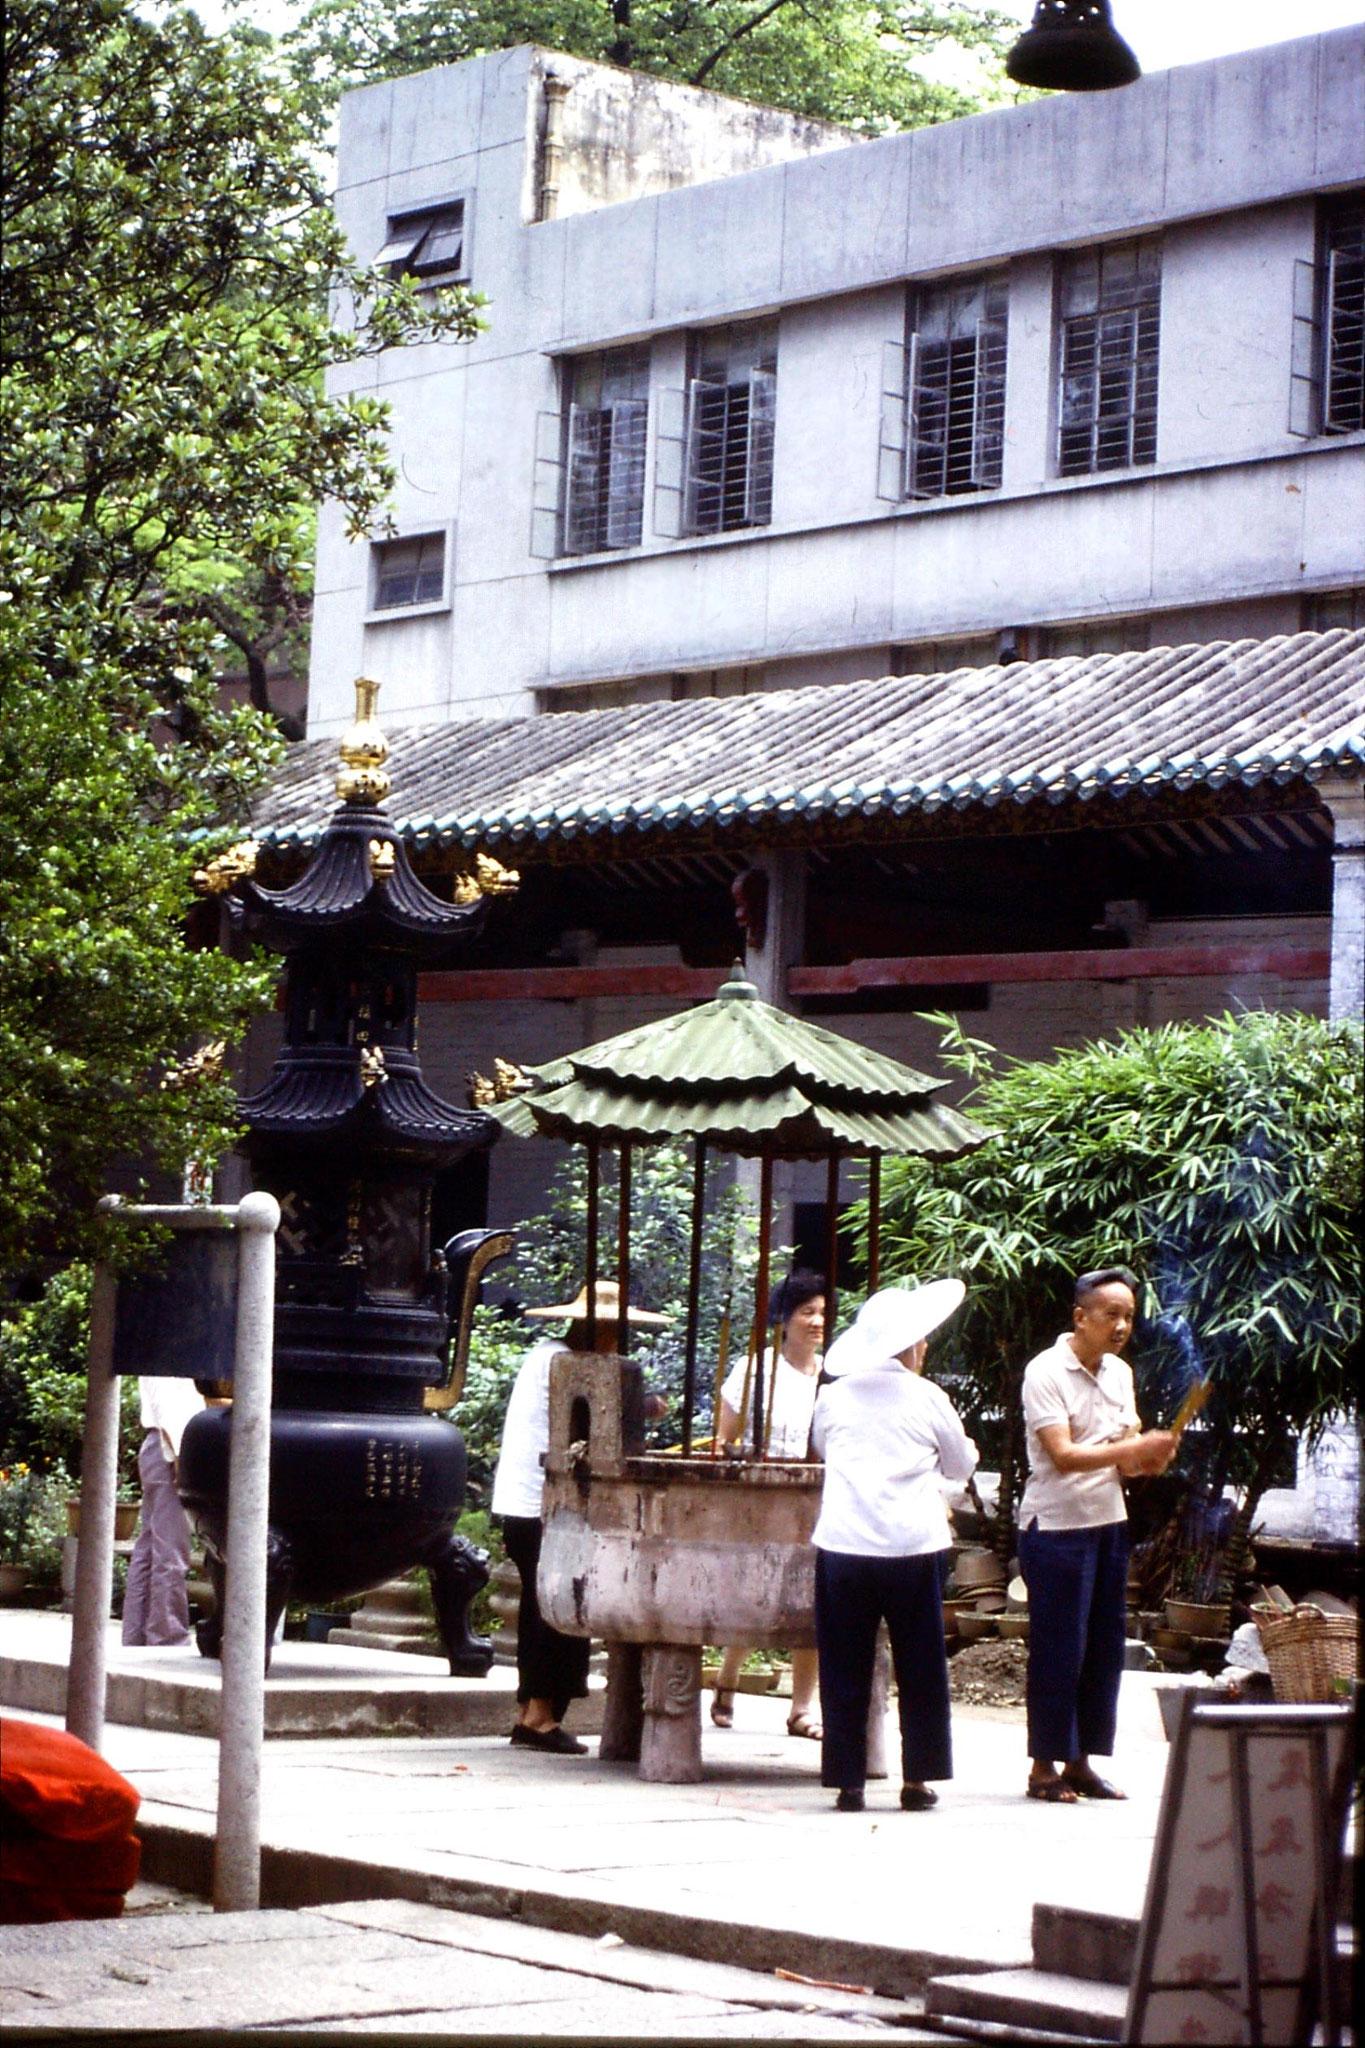 18/5/1989: 33: Guangzhou Six Banyan Temple